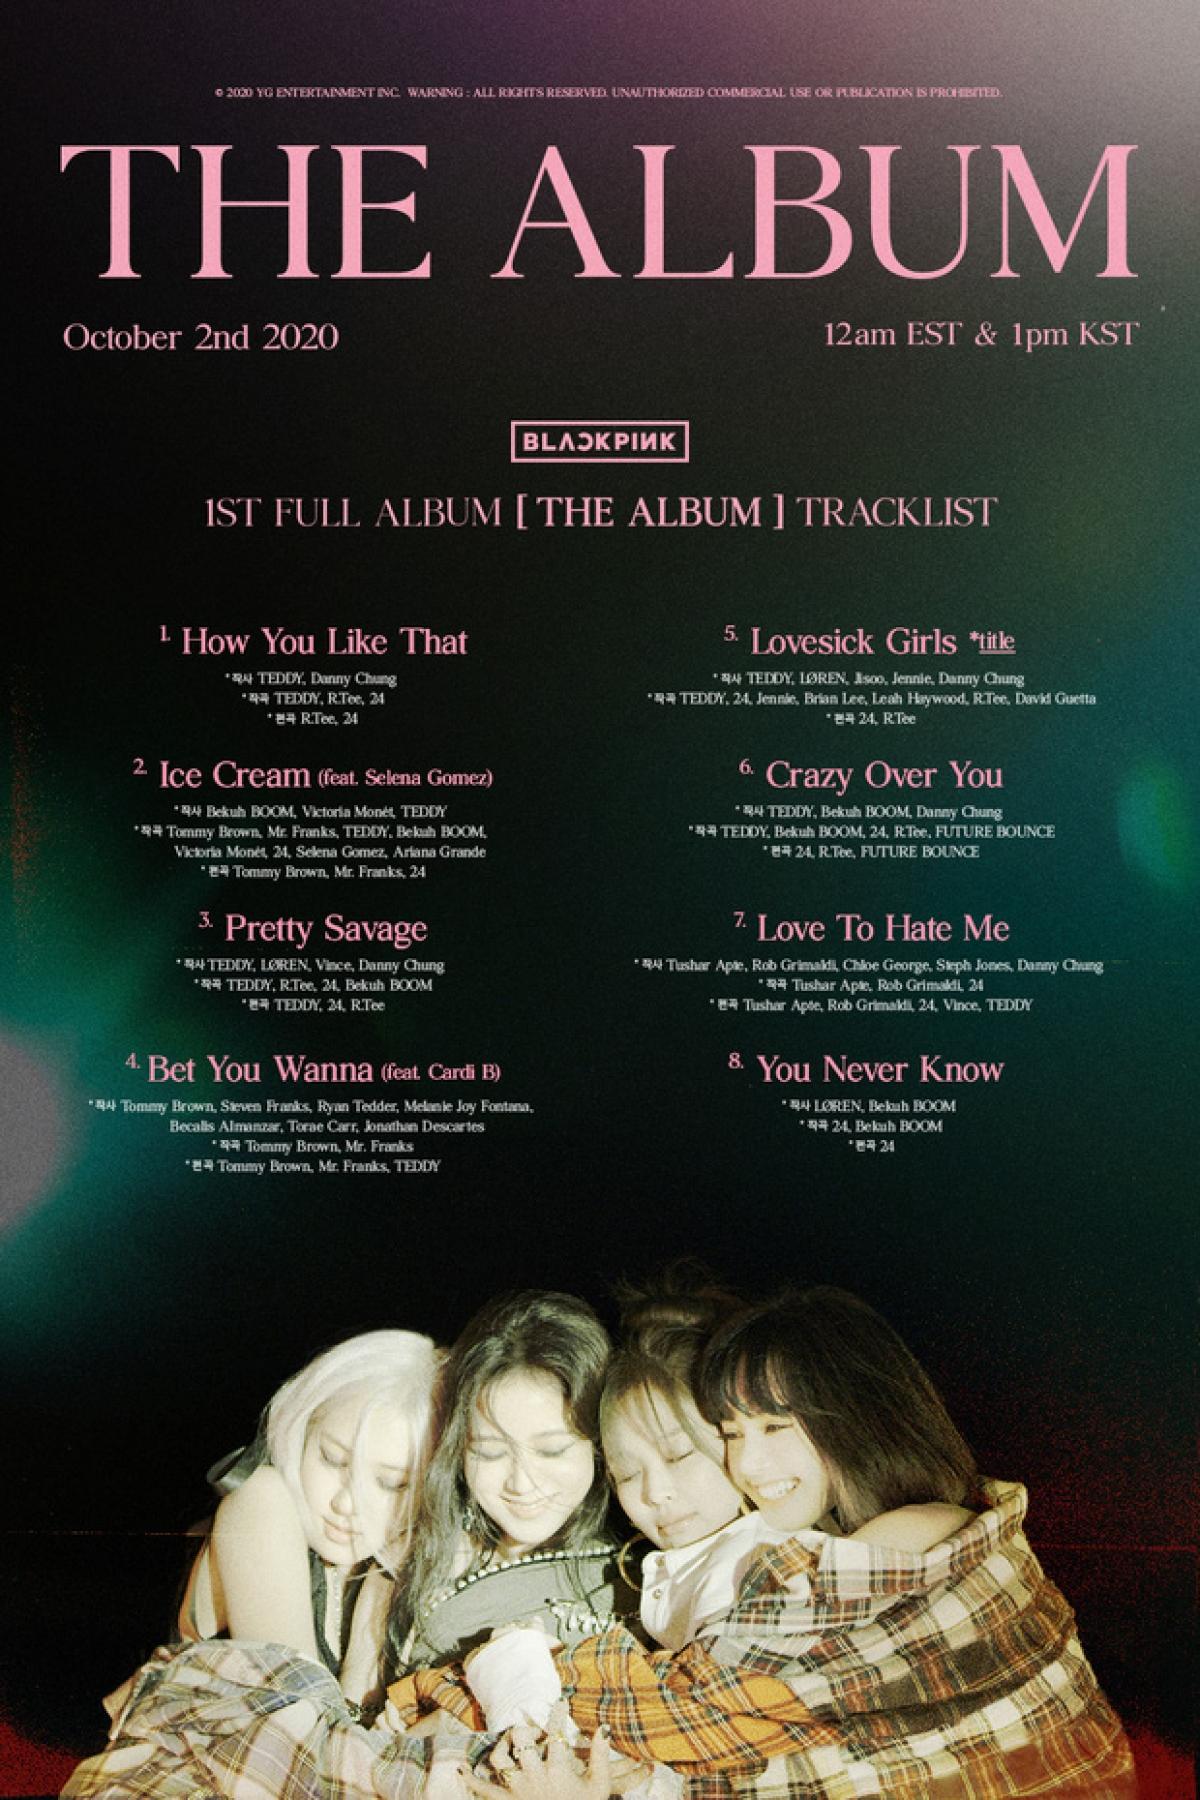 Danh sách các ca khúc nằm trong full album đầu tiên.